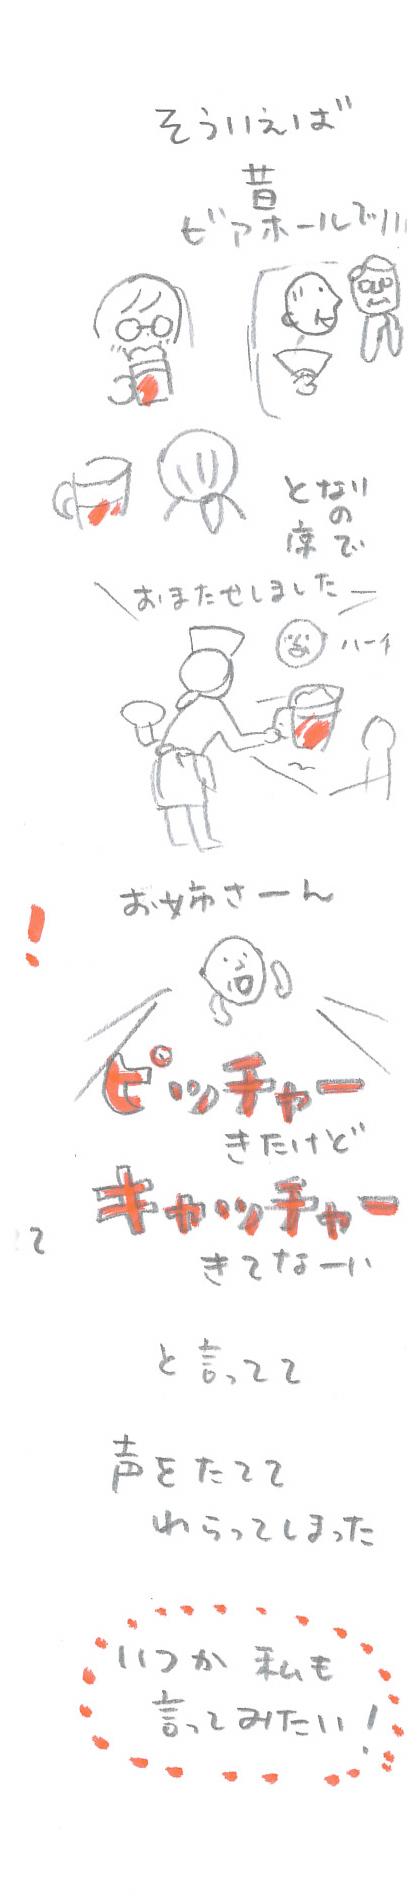 キャッチャー3